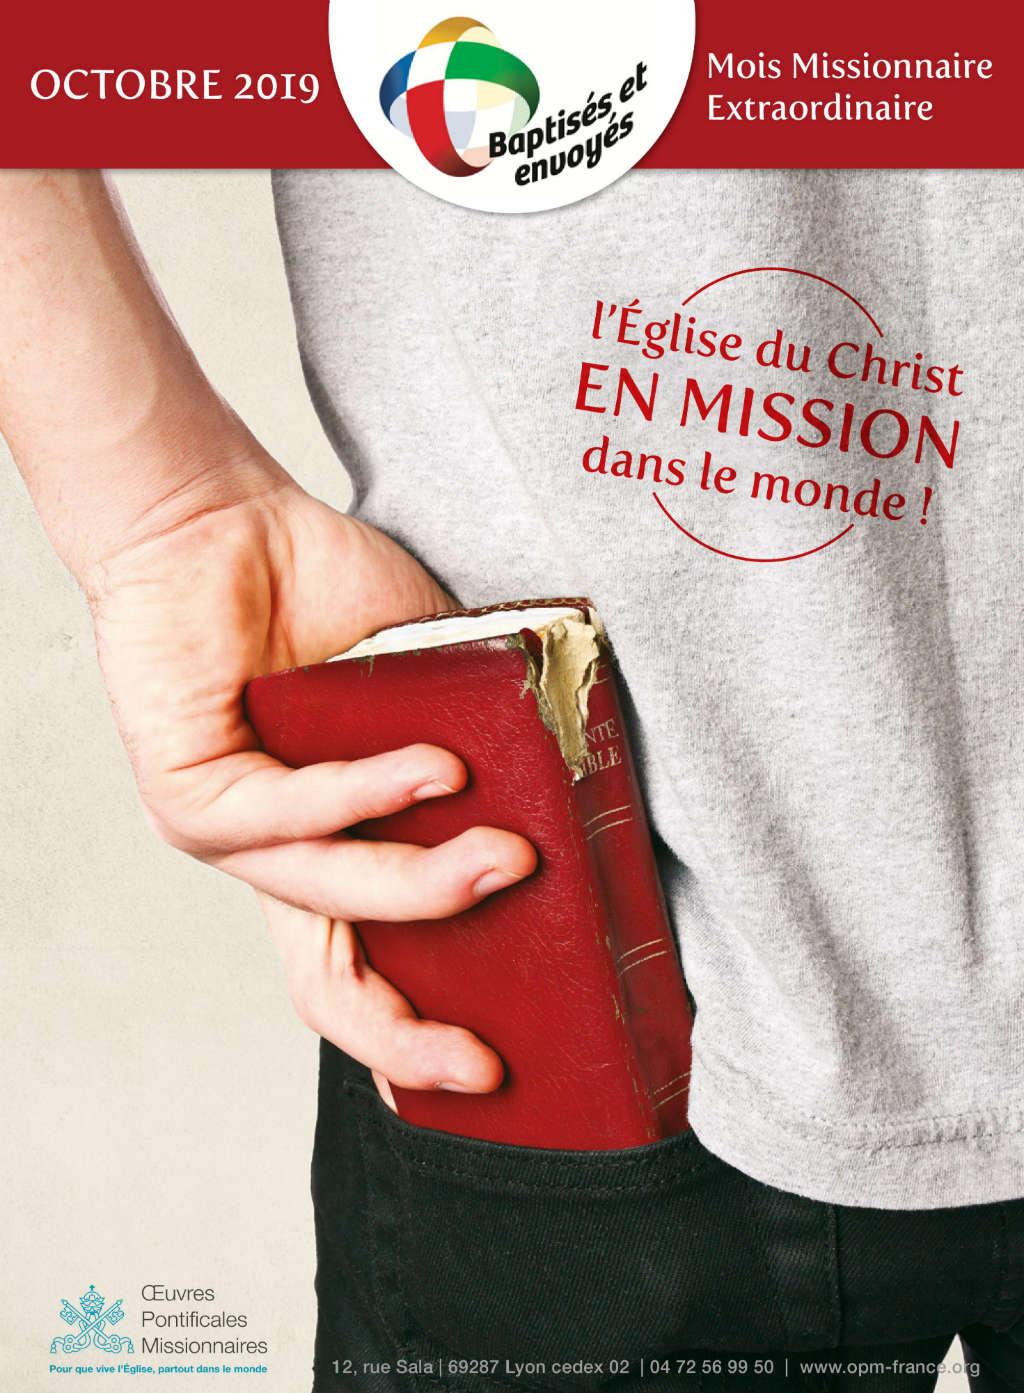 Affiche pour le mois missionnaire d'octobre 2019